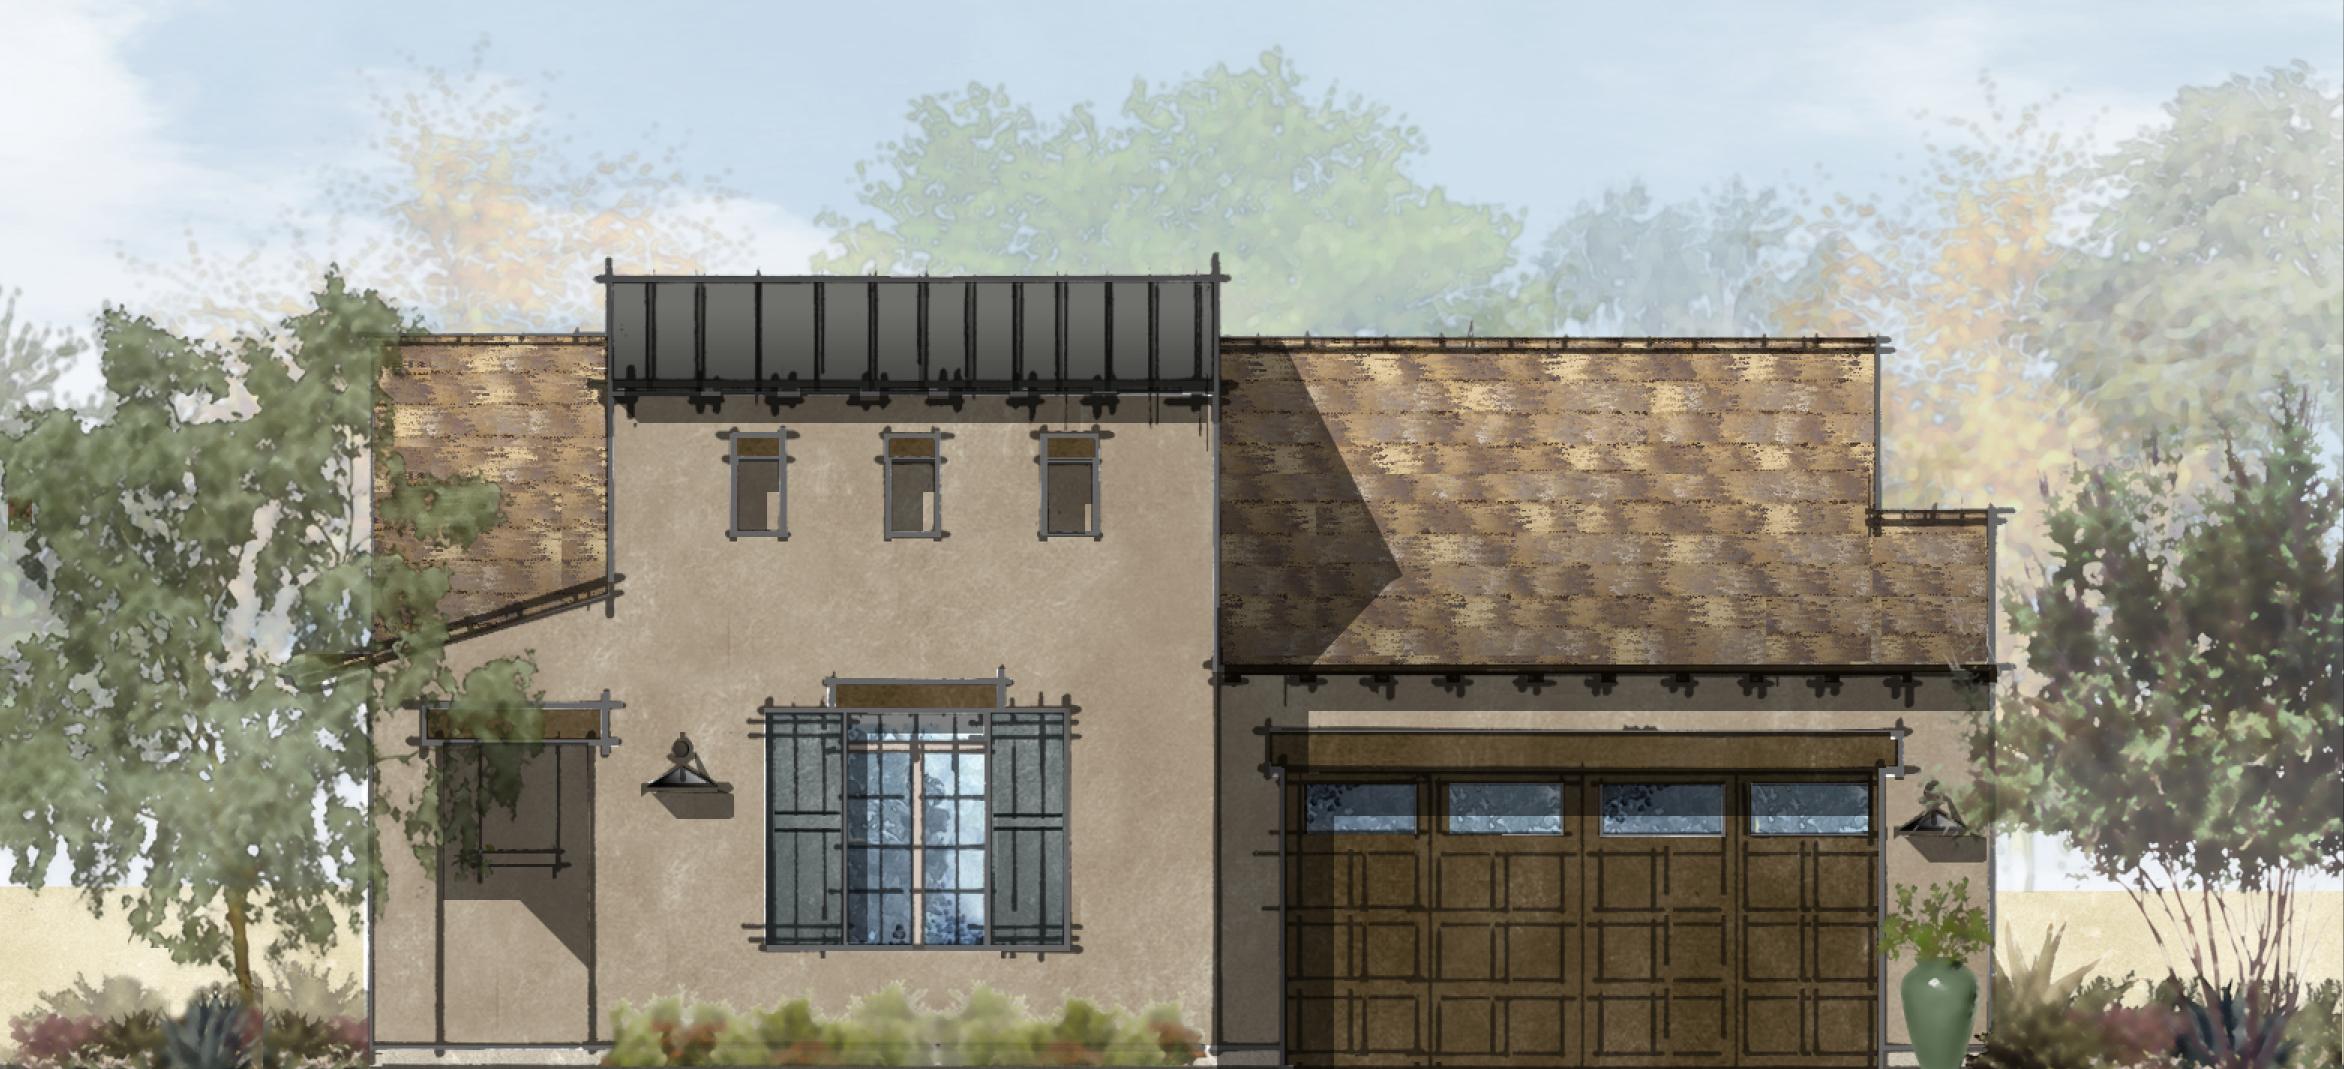 Harry keystone homes keystone homes for Keystone homes floor plans